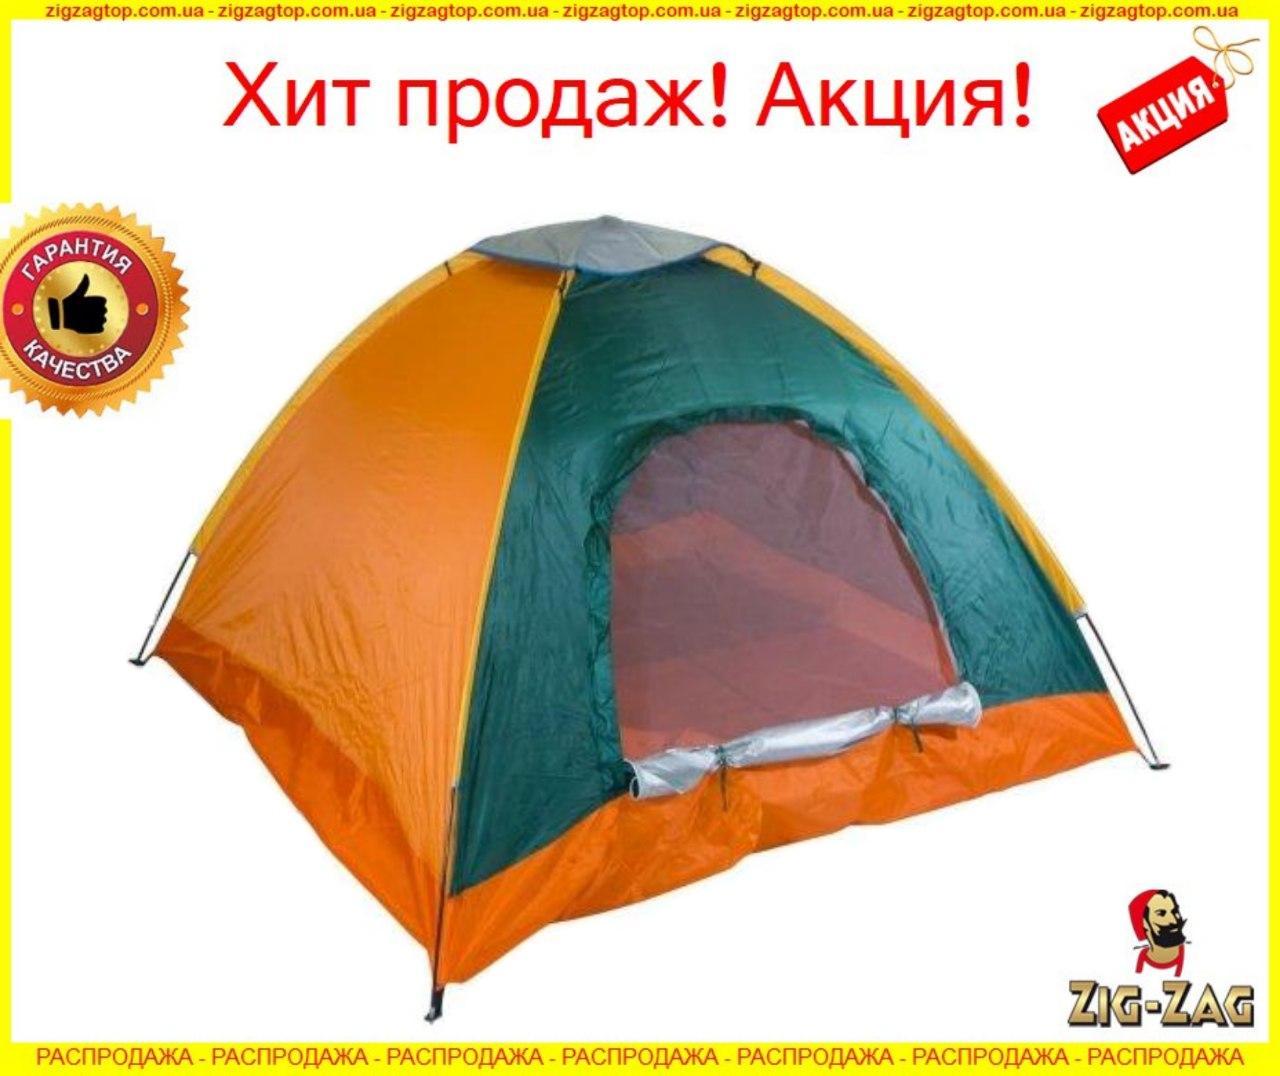 Прочная вместительная Палатка ручная DT - 2 x 2 м водонепроницаемая Двухместная два места для двоих НЕ ТЯЖЁЛАЯ